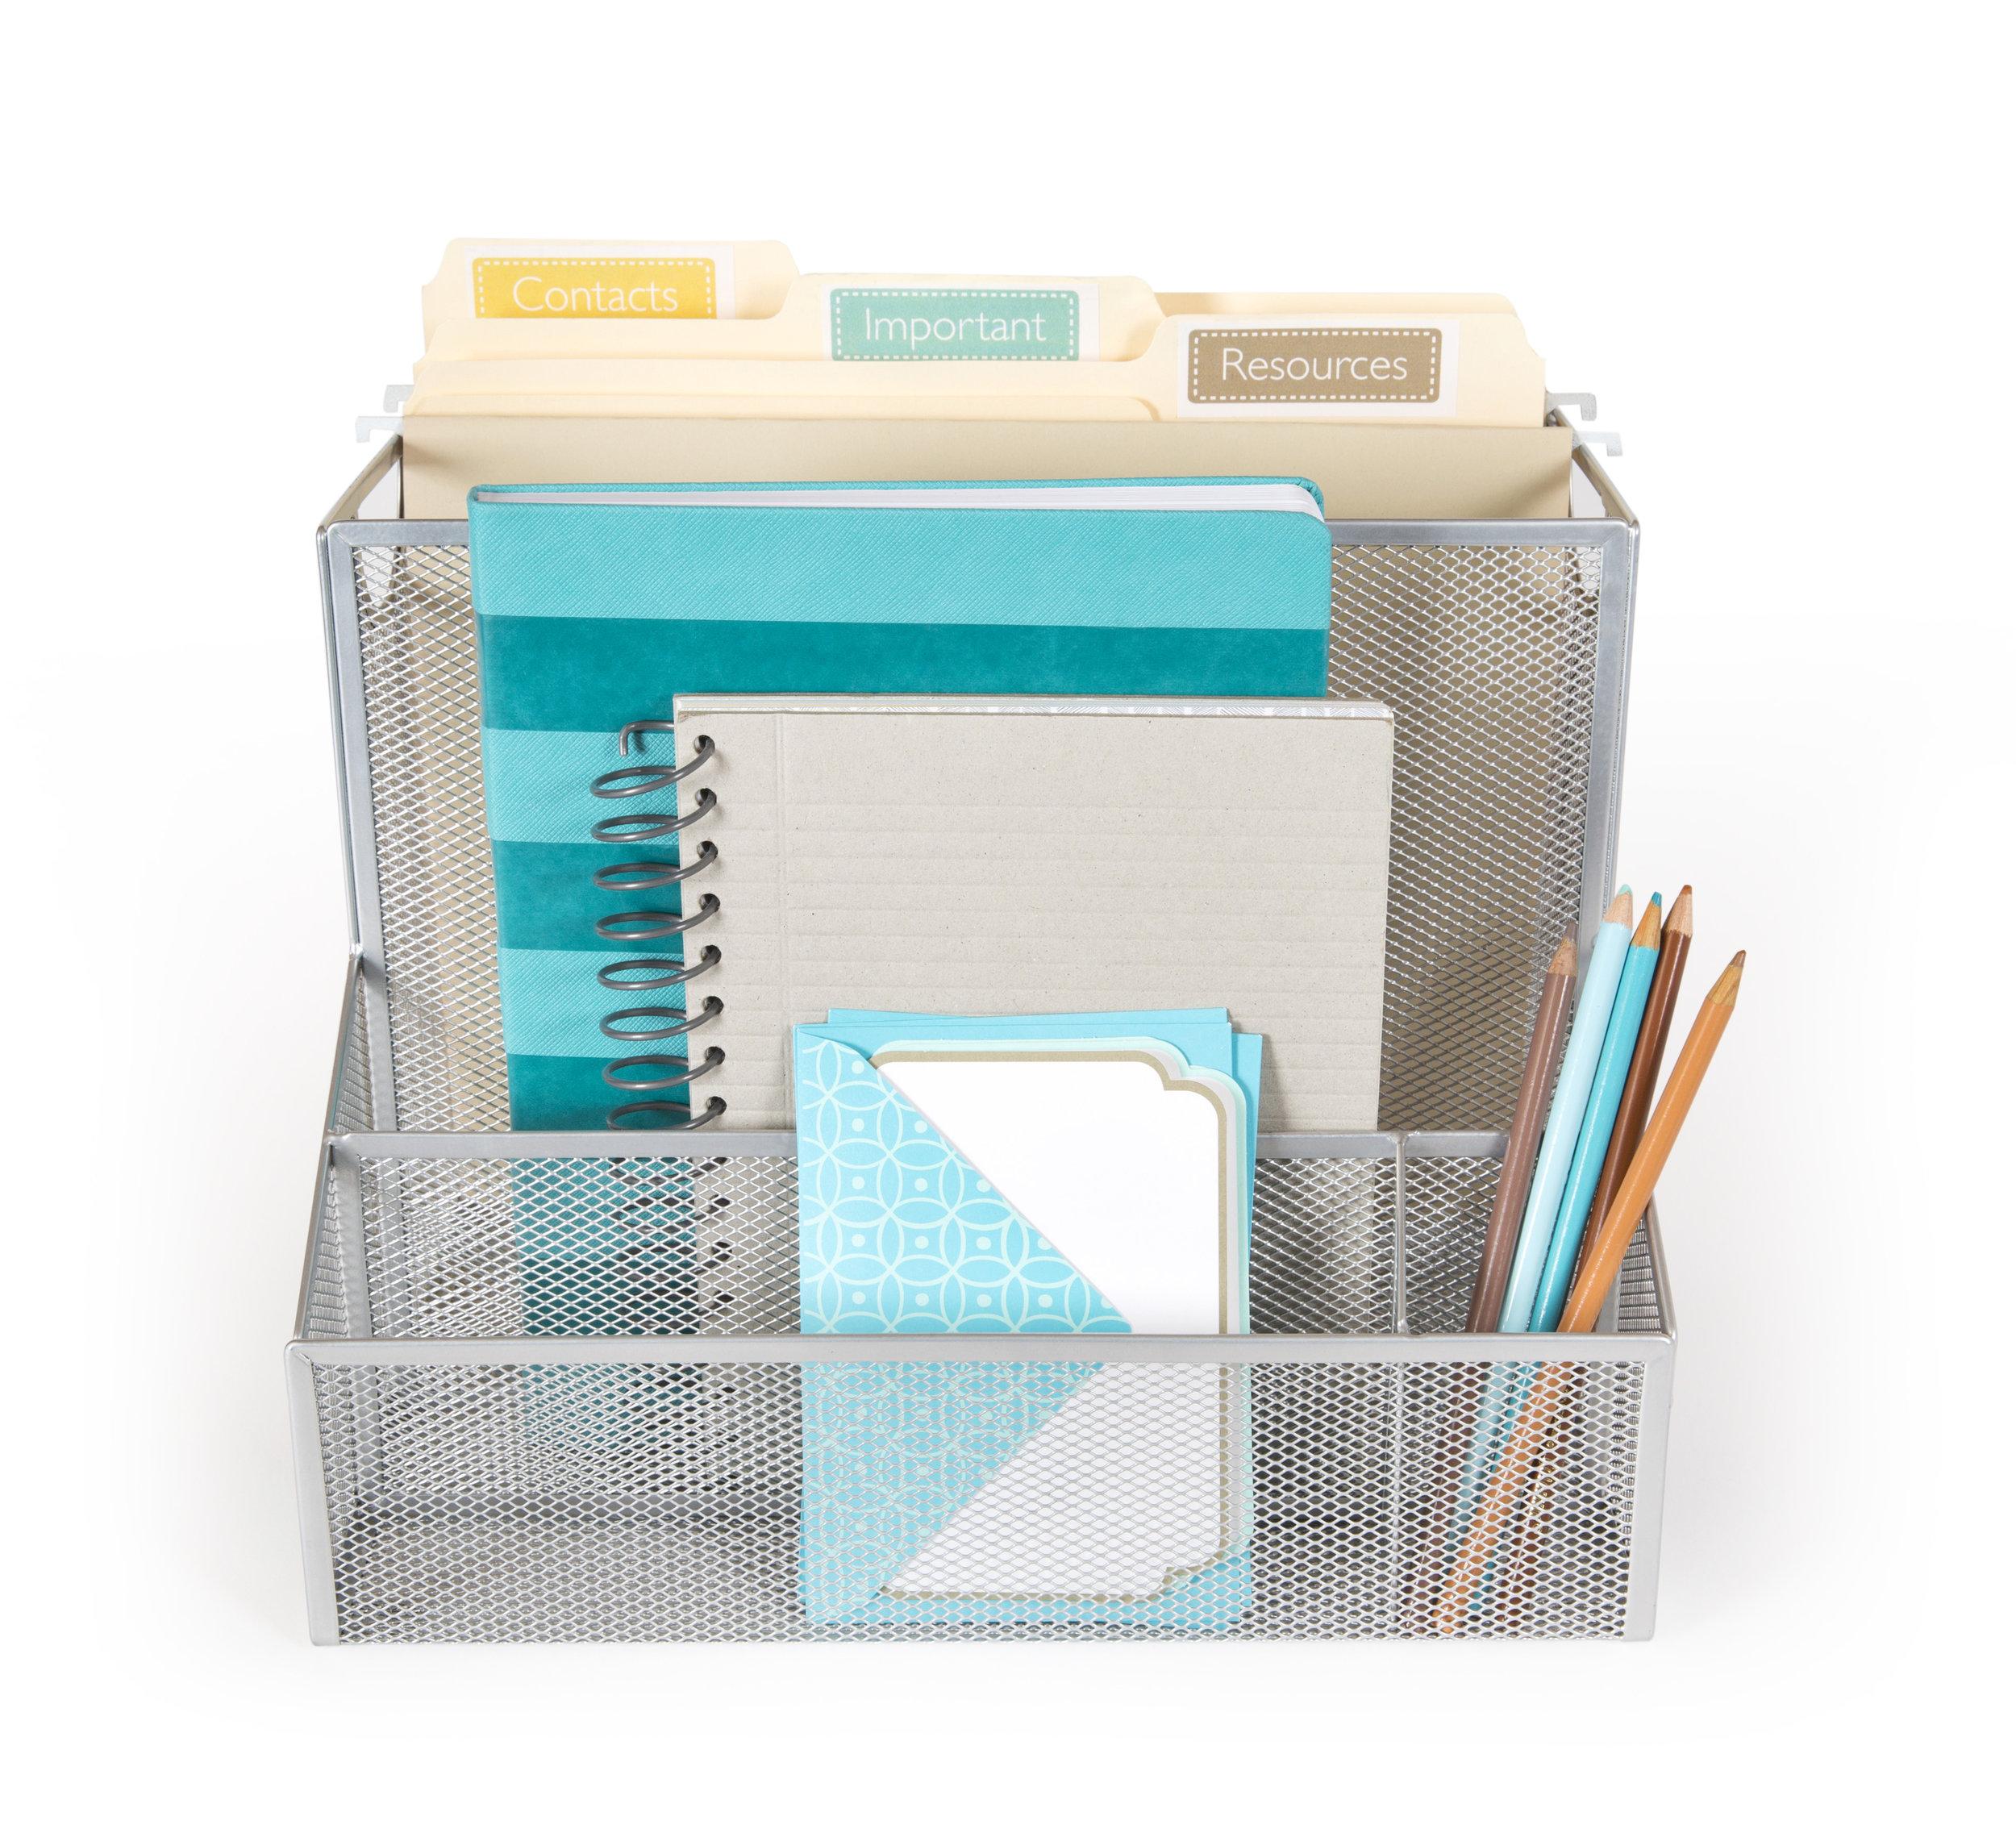 DesktopOrganizer.jpg